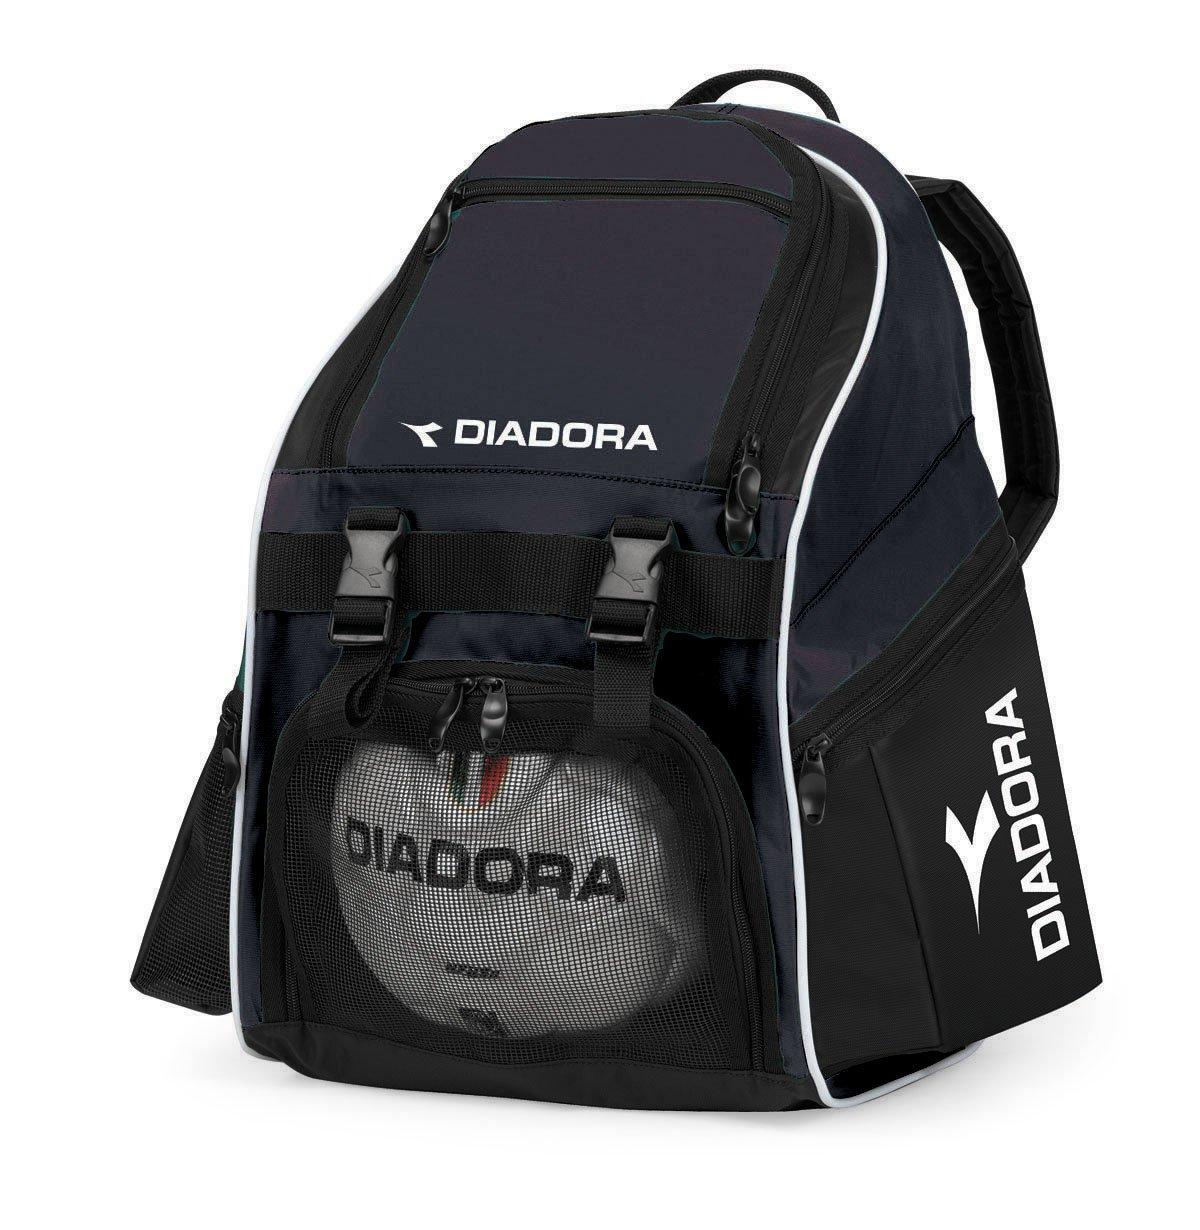 Diadora Squadraサッカーバックパック(ボックスof 12 ) B01DPSV62Eブラック